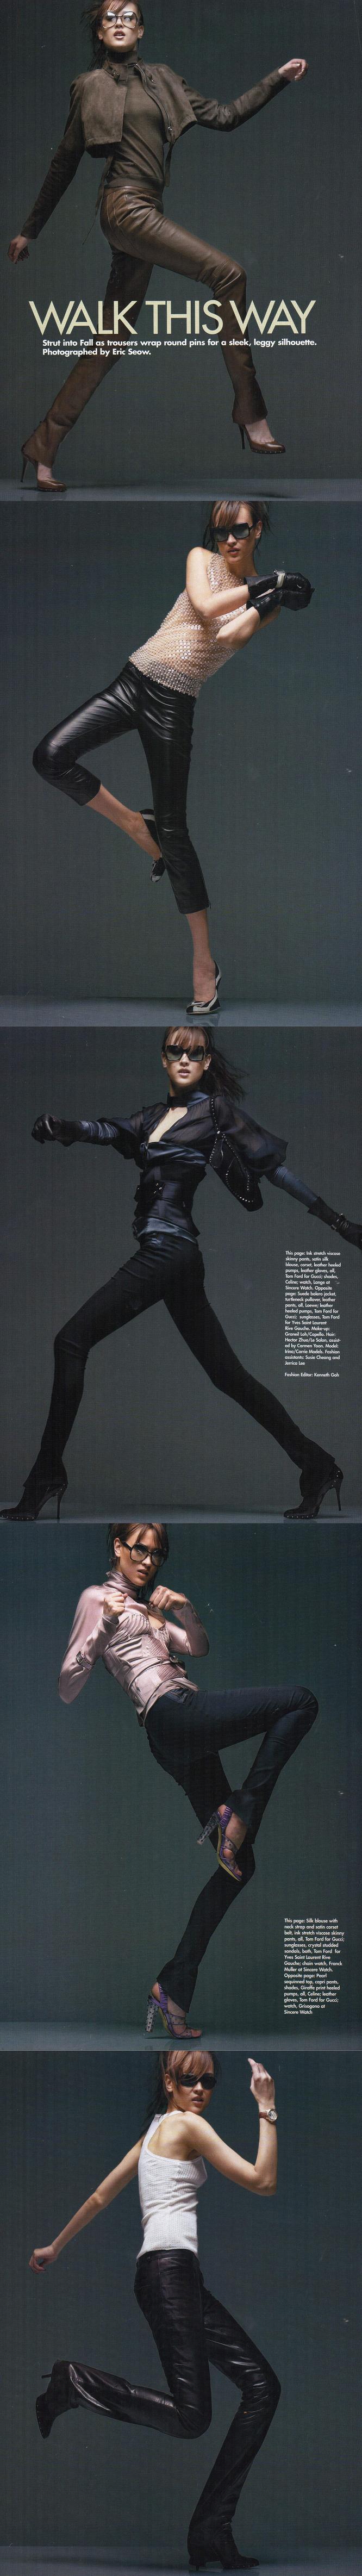 Nov 19, 2007 ELLE Magazine